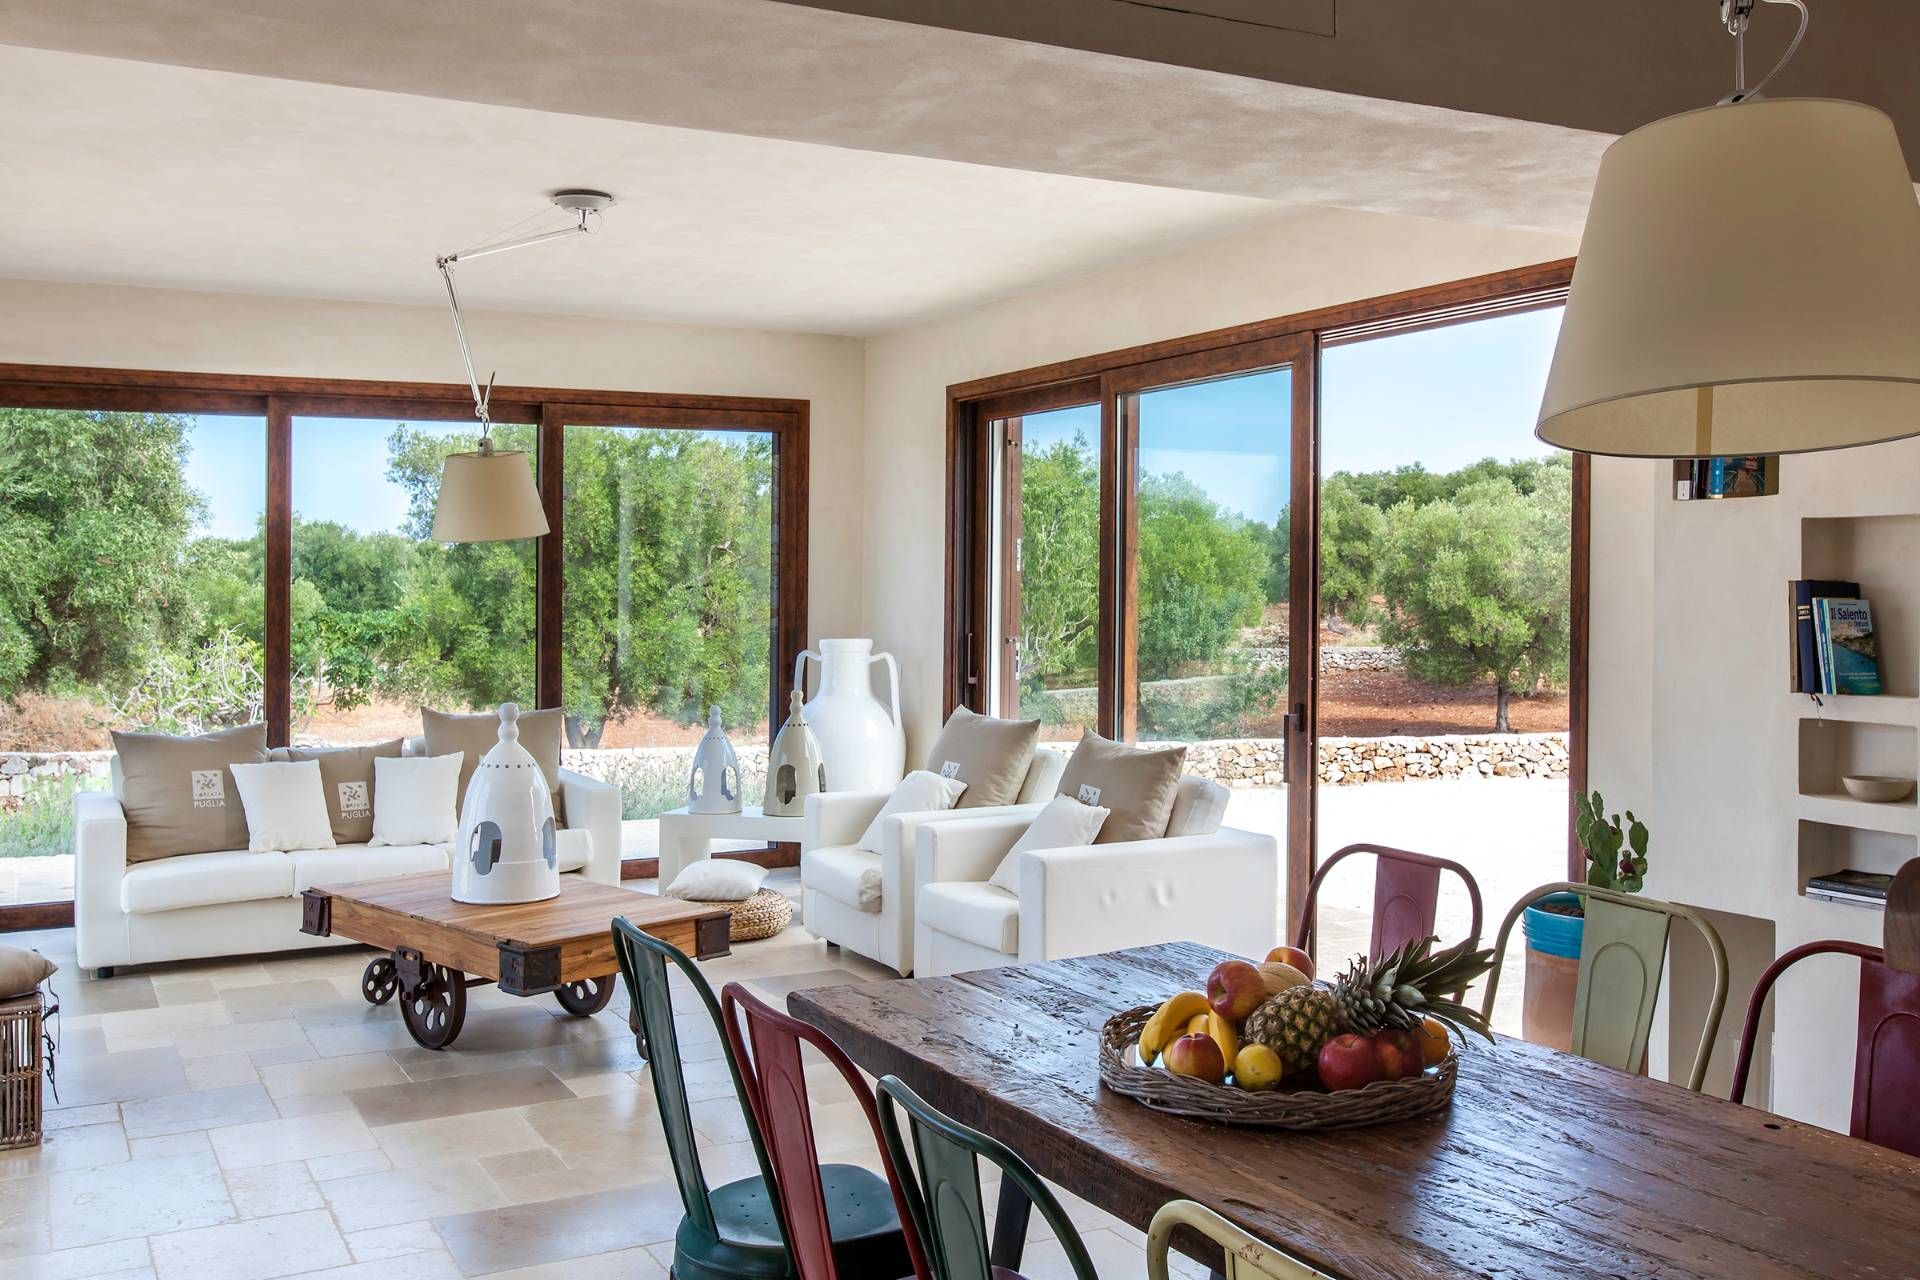 Villa in Vendita a Carovigno: 5 locali, 200 mq - Foto 1